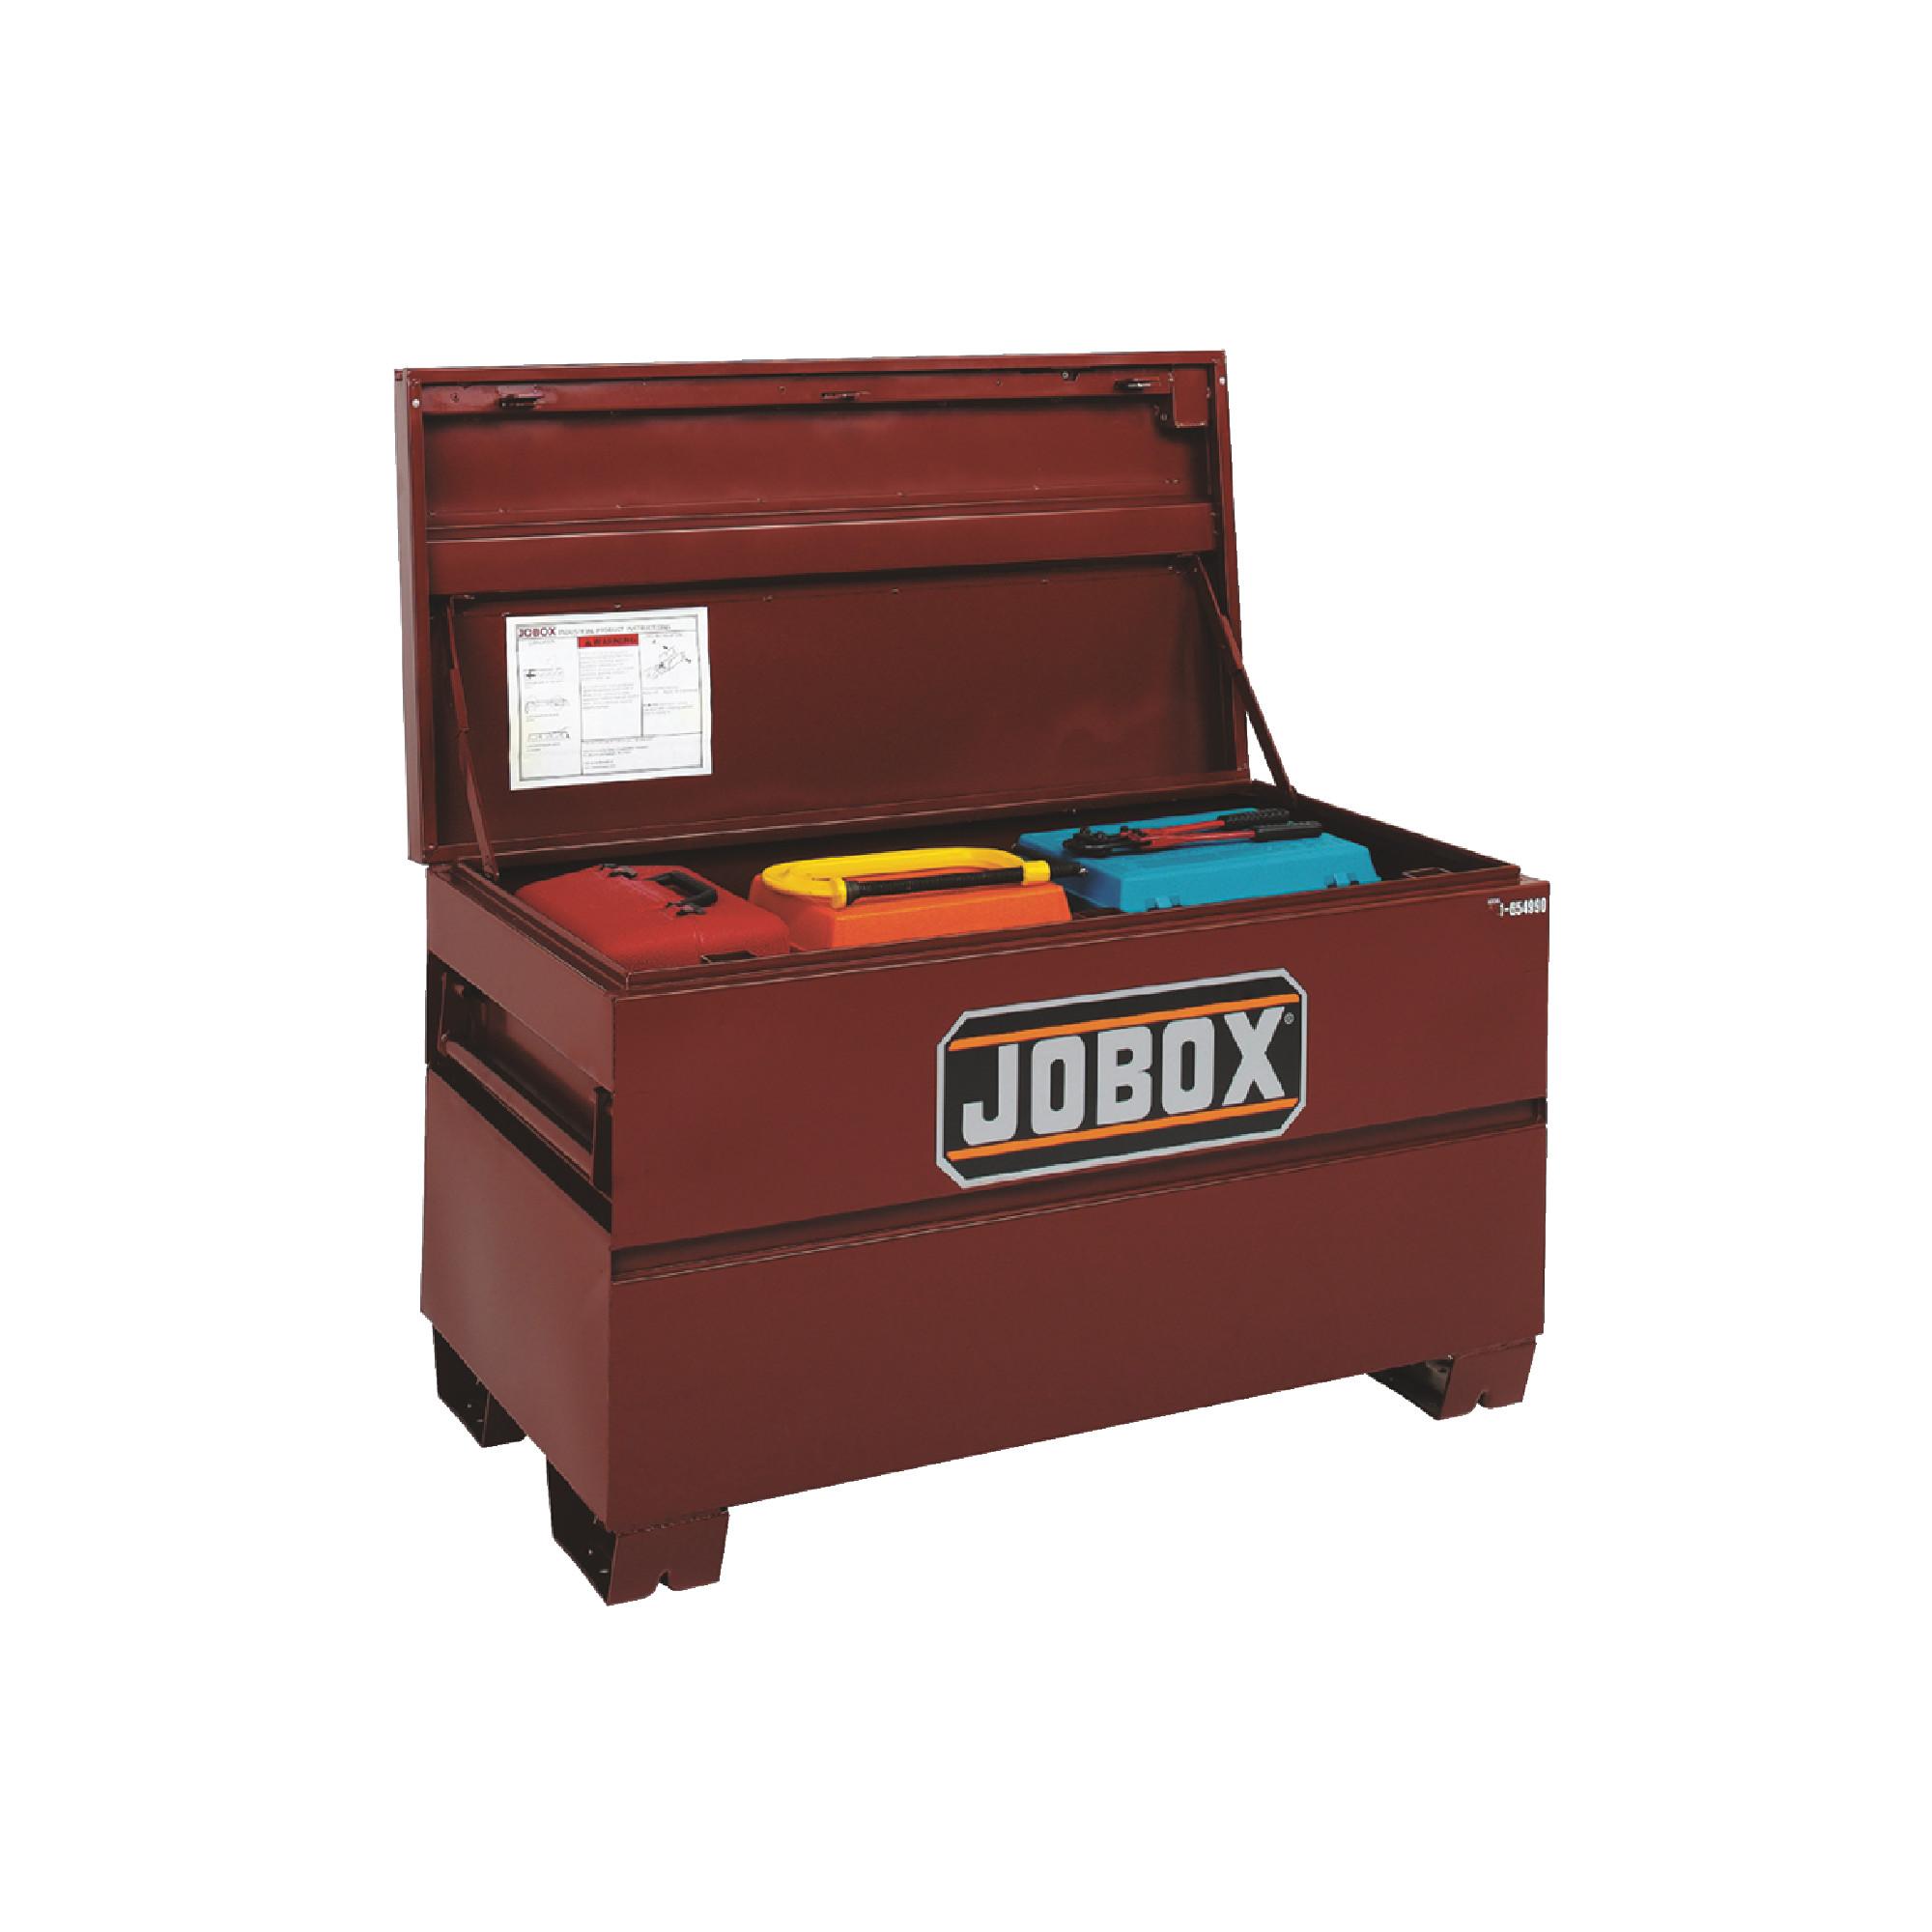 36X20X24 JOBOX STEEL VAULT - JOBOX